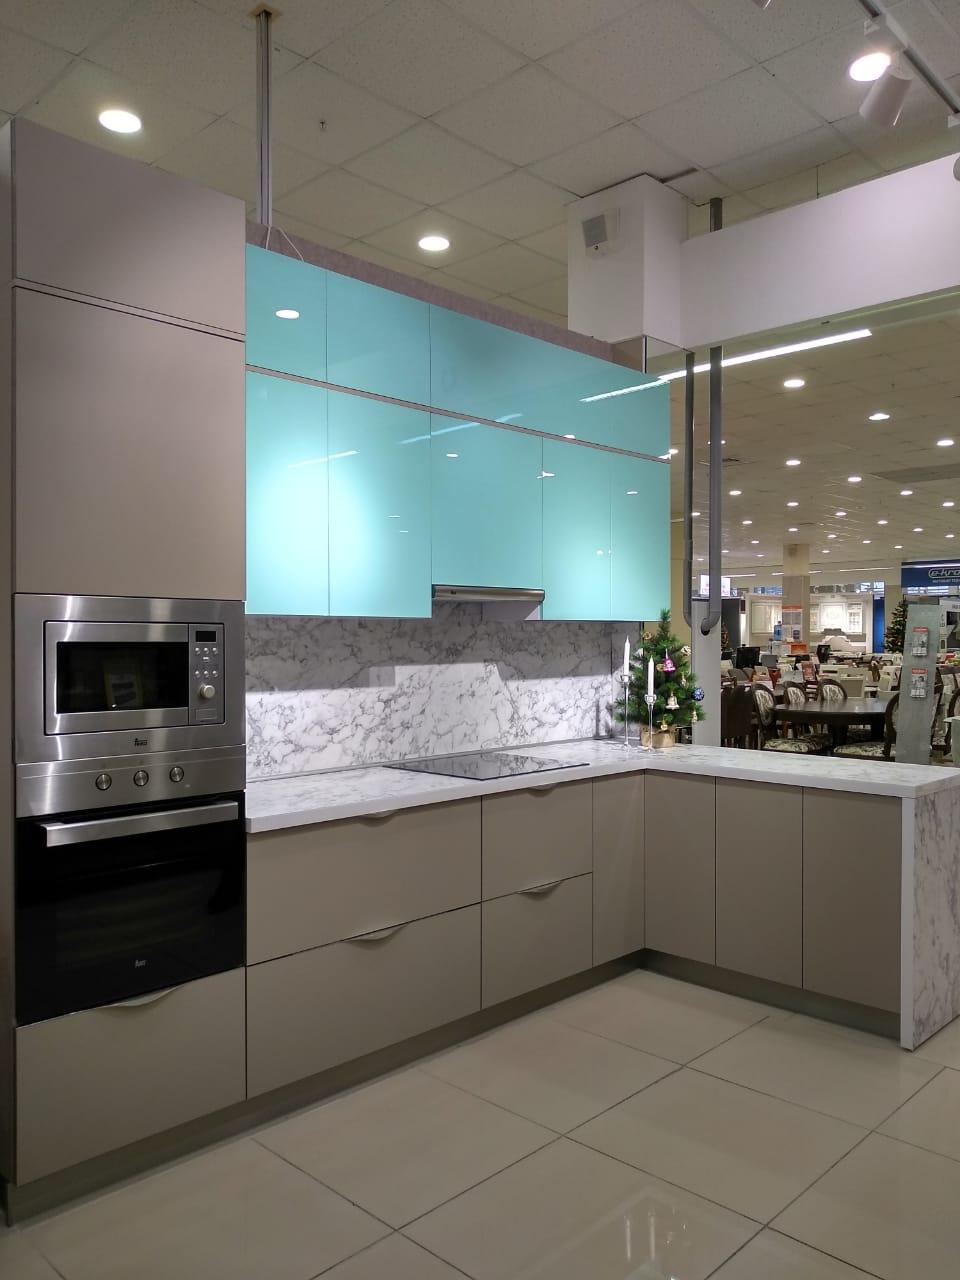 Третье фото Кухня с фасадами Пластик с эффектом «стекло» и «антипальцы»